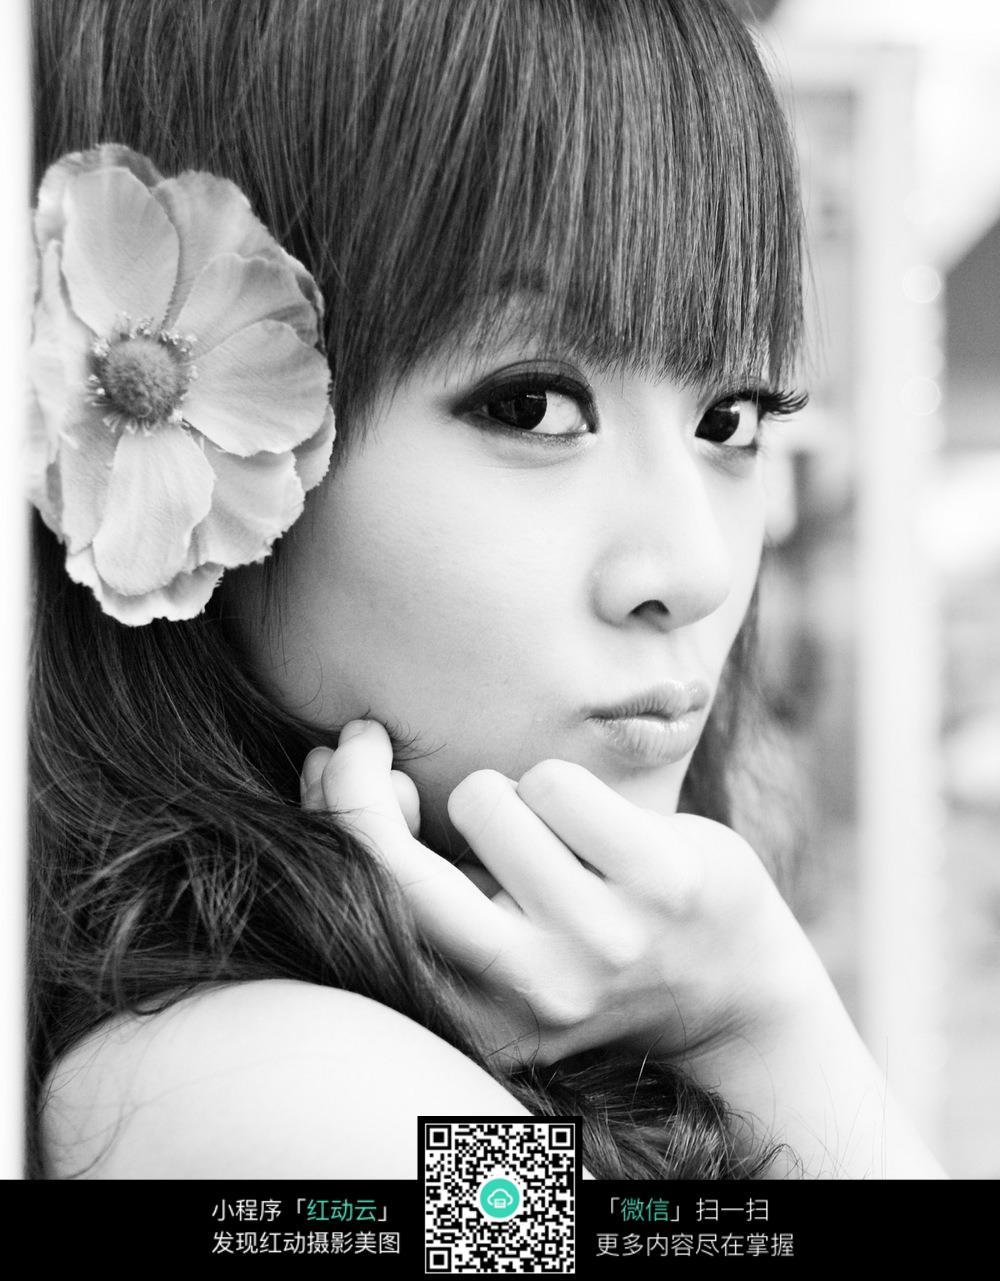 黑白美女 美女图片 美女写真 模特 模特写真 养眼美女  人物素材 摄影